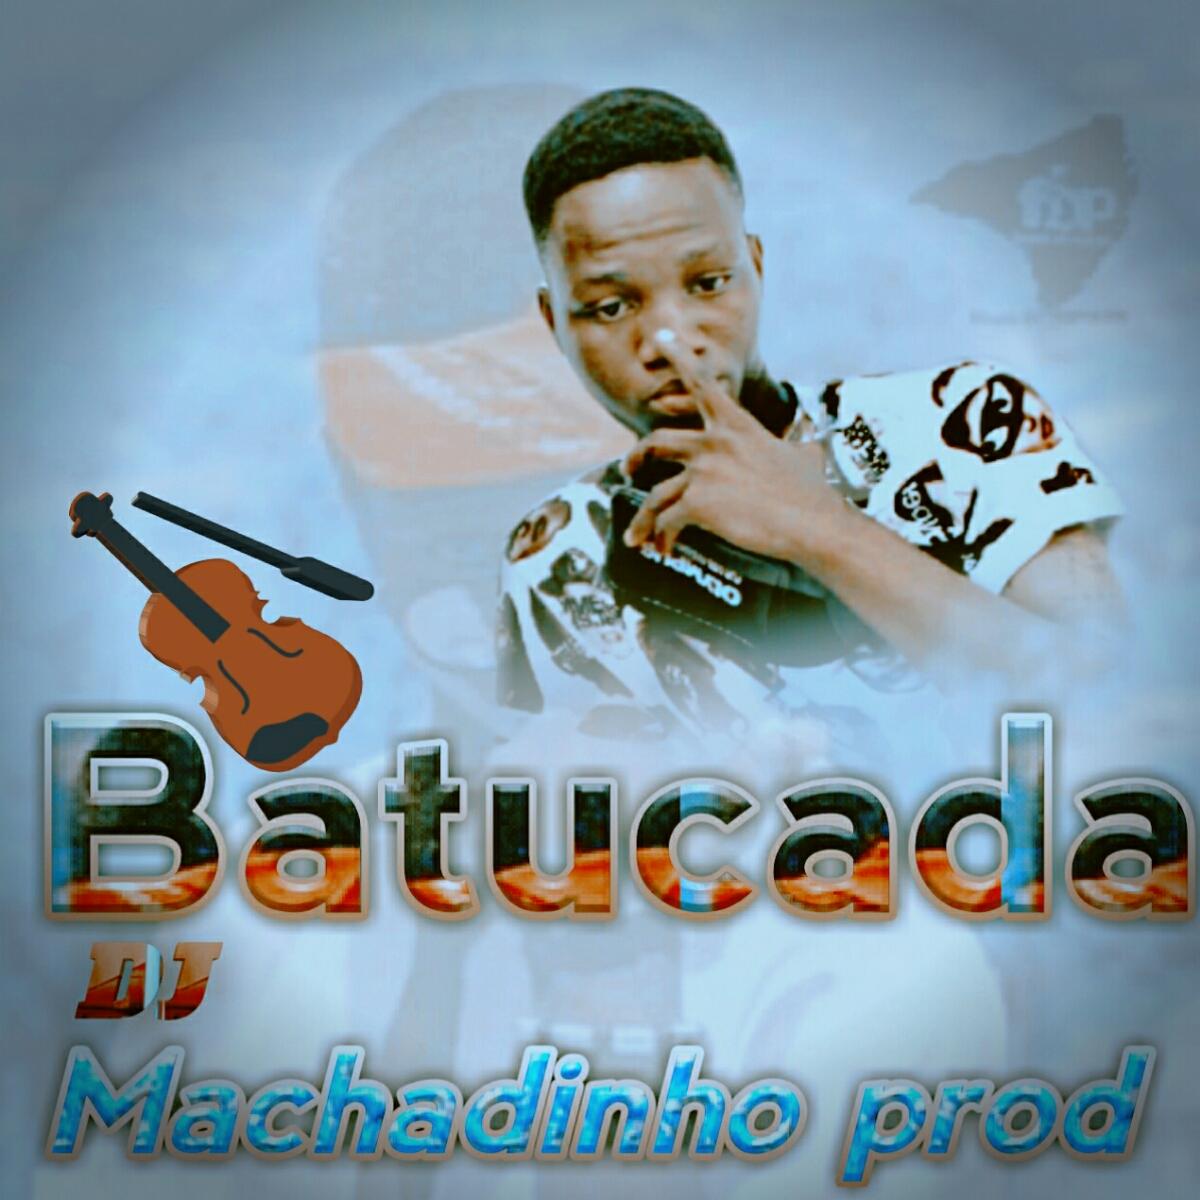 Dj Machandinho - Batucada (AfroBeat) 2019 - Mais Beatz Com